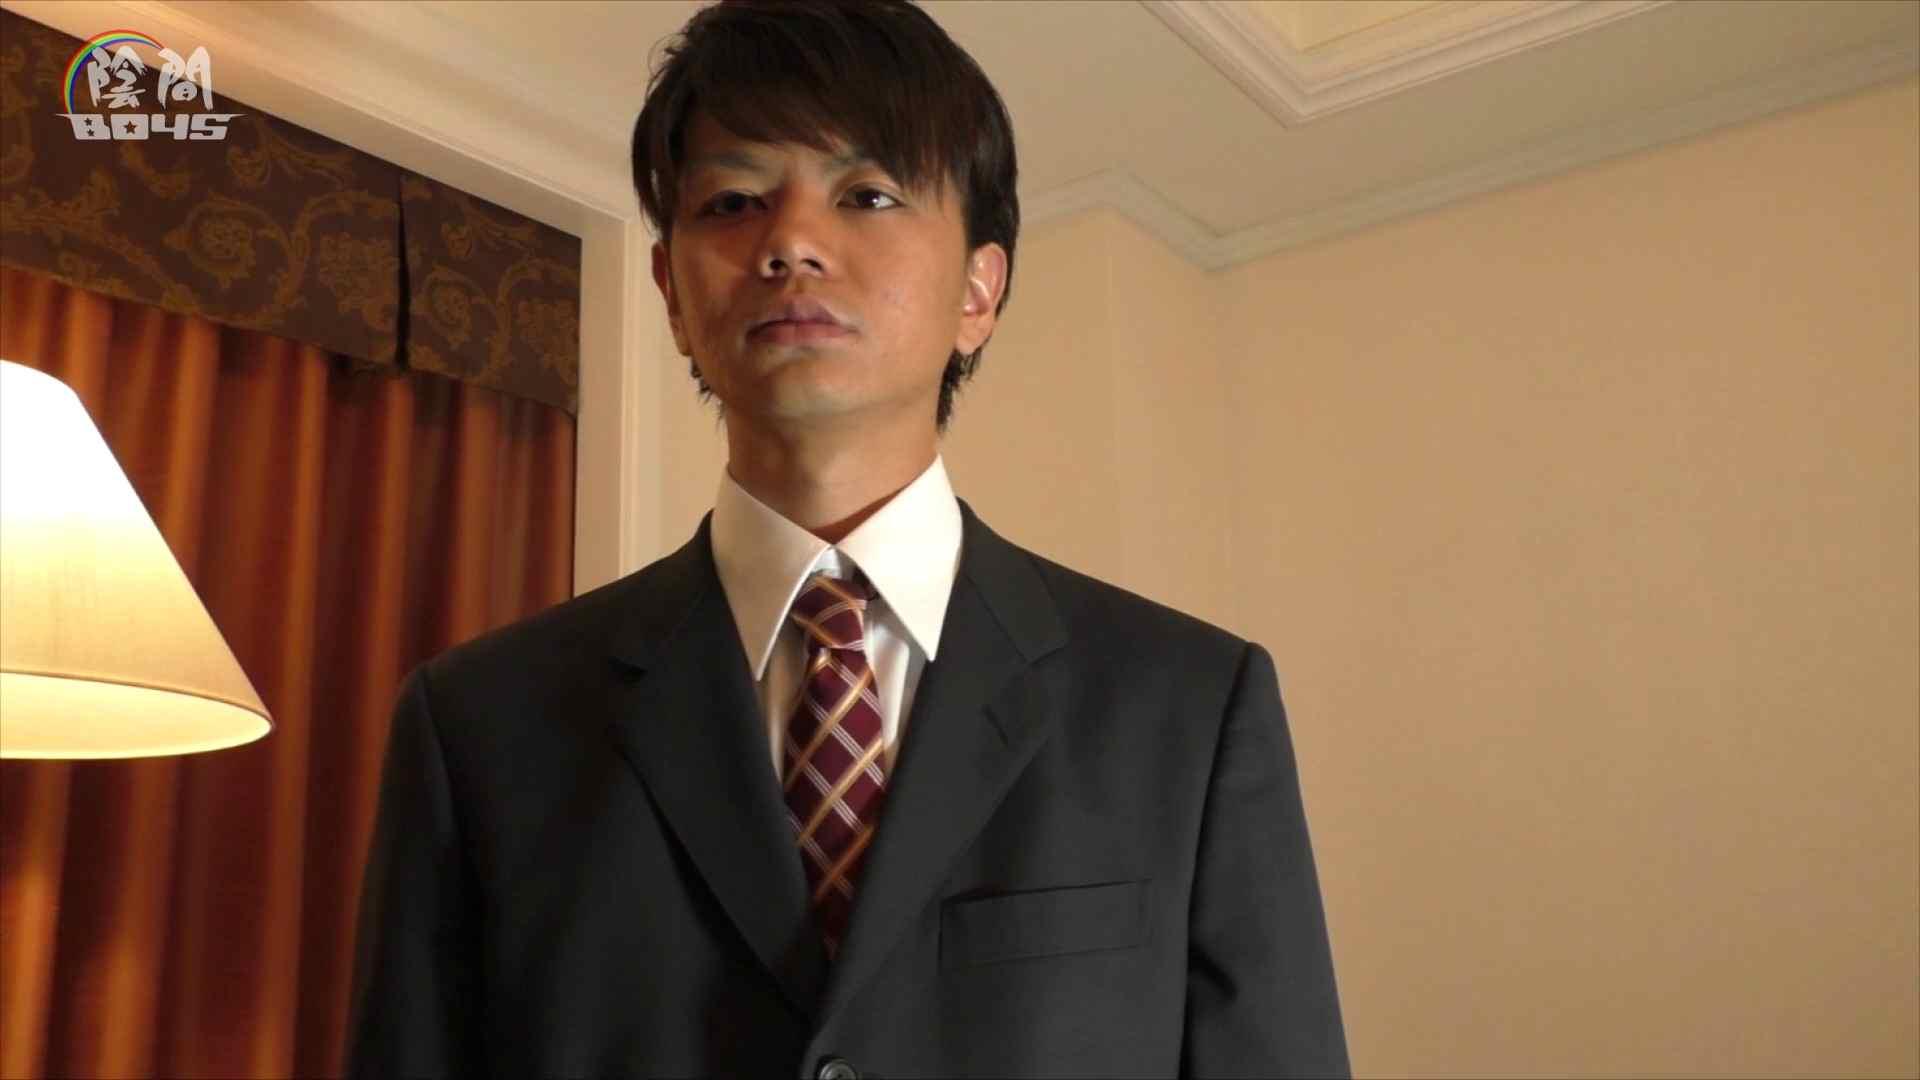 陰間BOYS~キャバクラの仕事はアナルから4 Vol.01 アナル ゲイザーメン画像 82枚 42